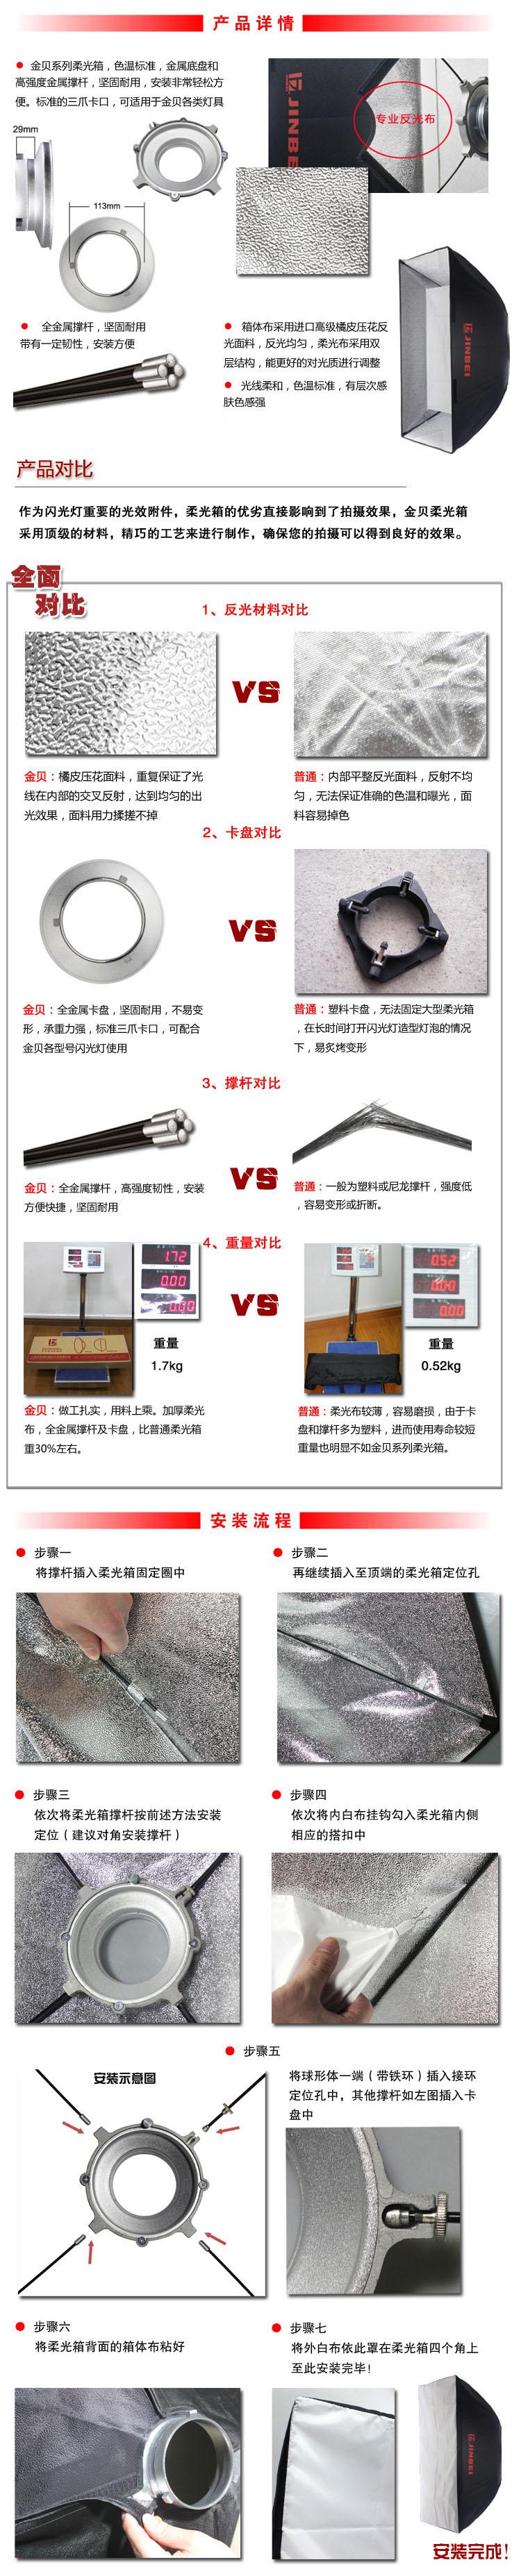 jinbei-m-series-softbox-yingkee3.jpg